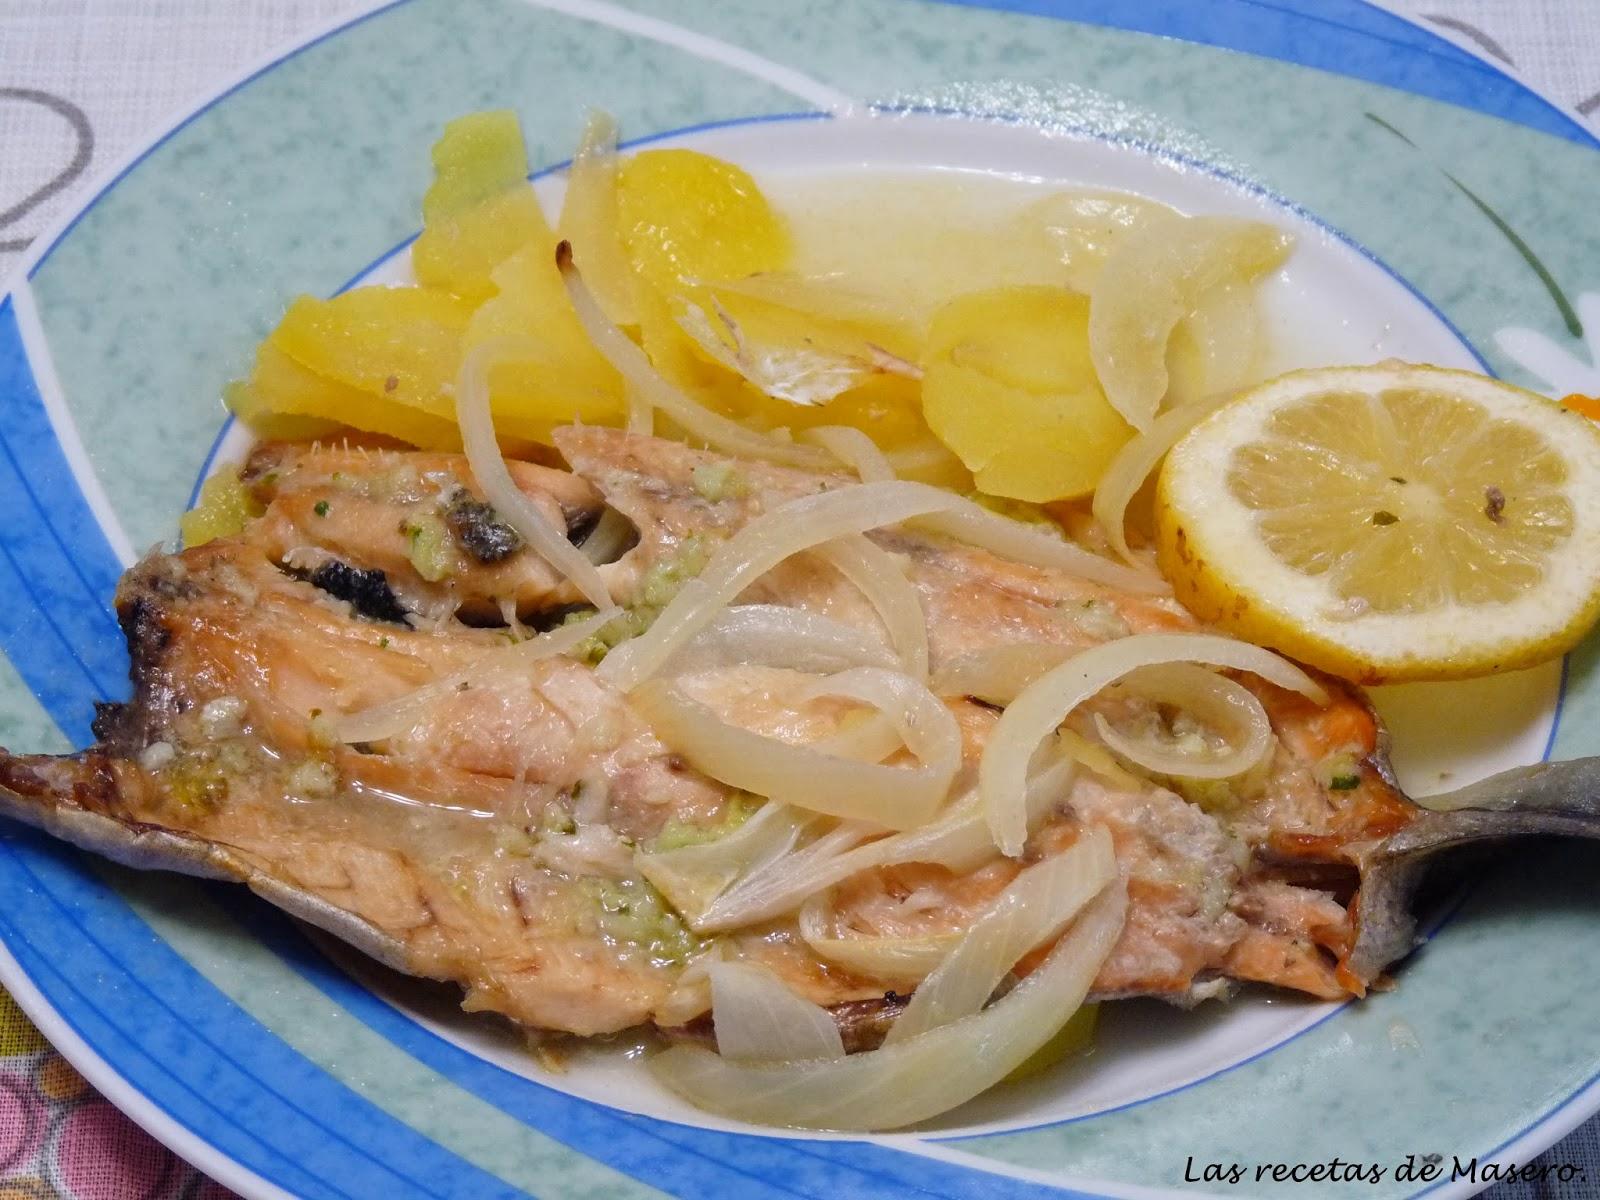 Las recetas de masero trucha asalmonada al horno - Como cocinar la trucha ...